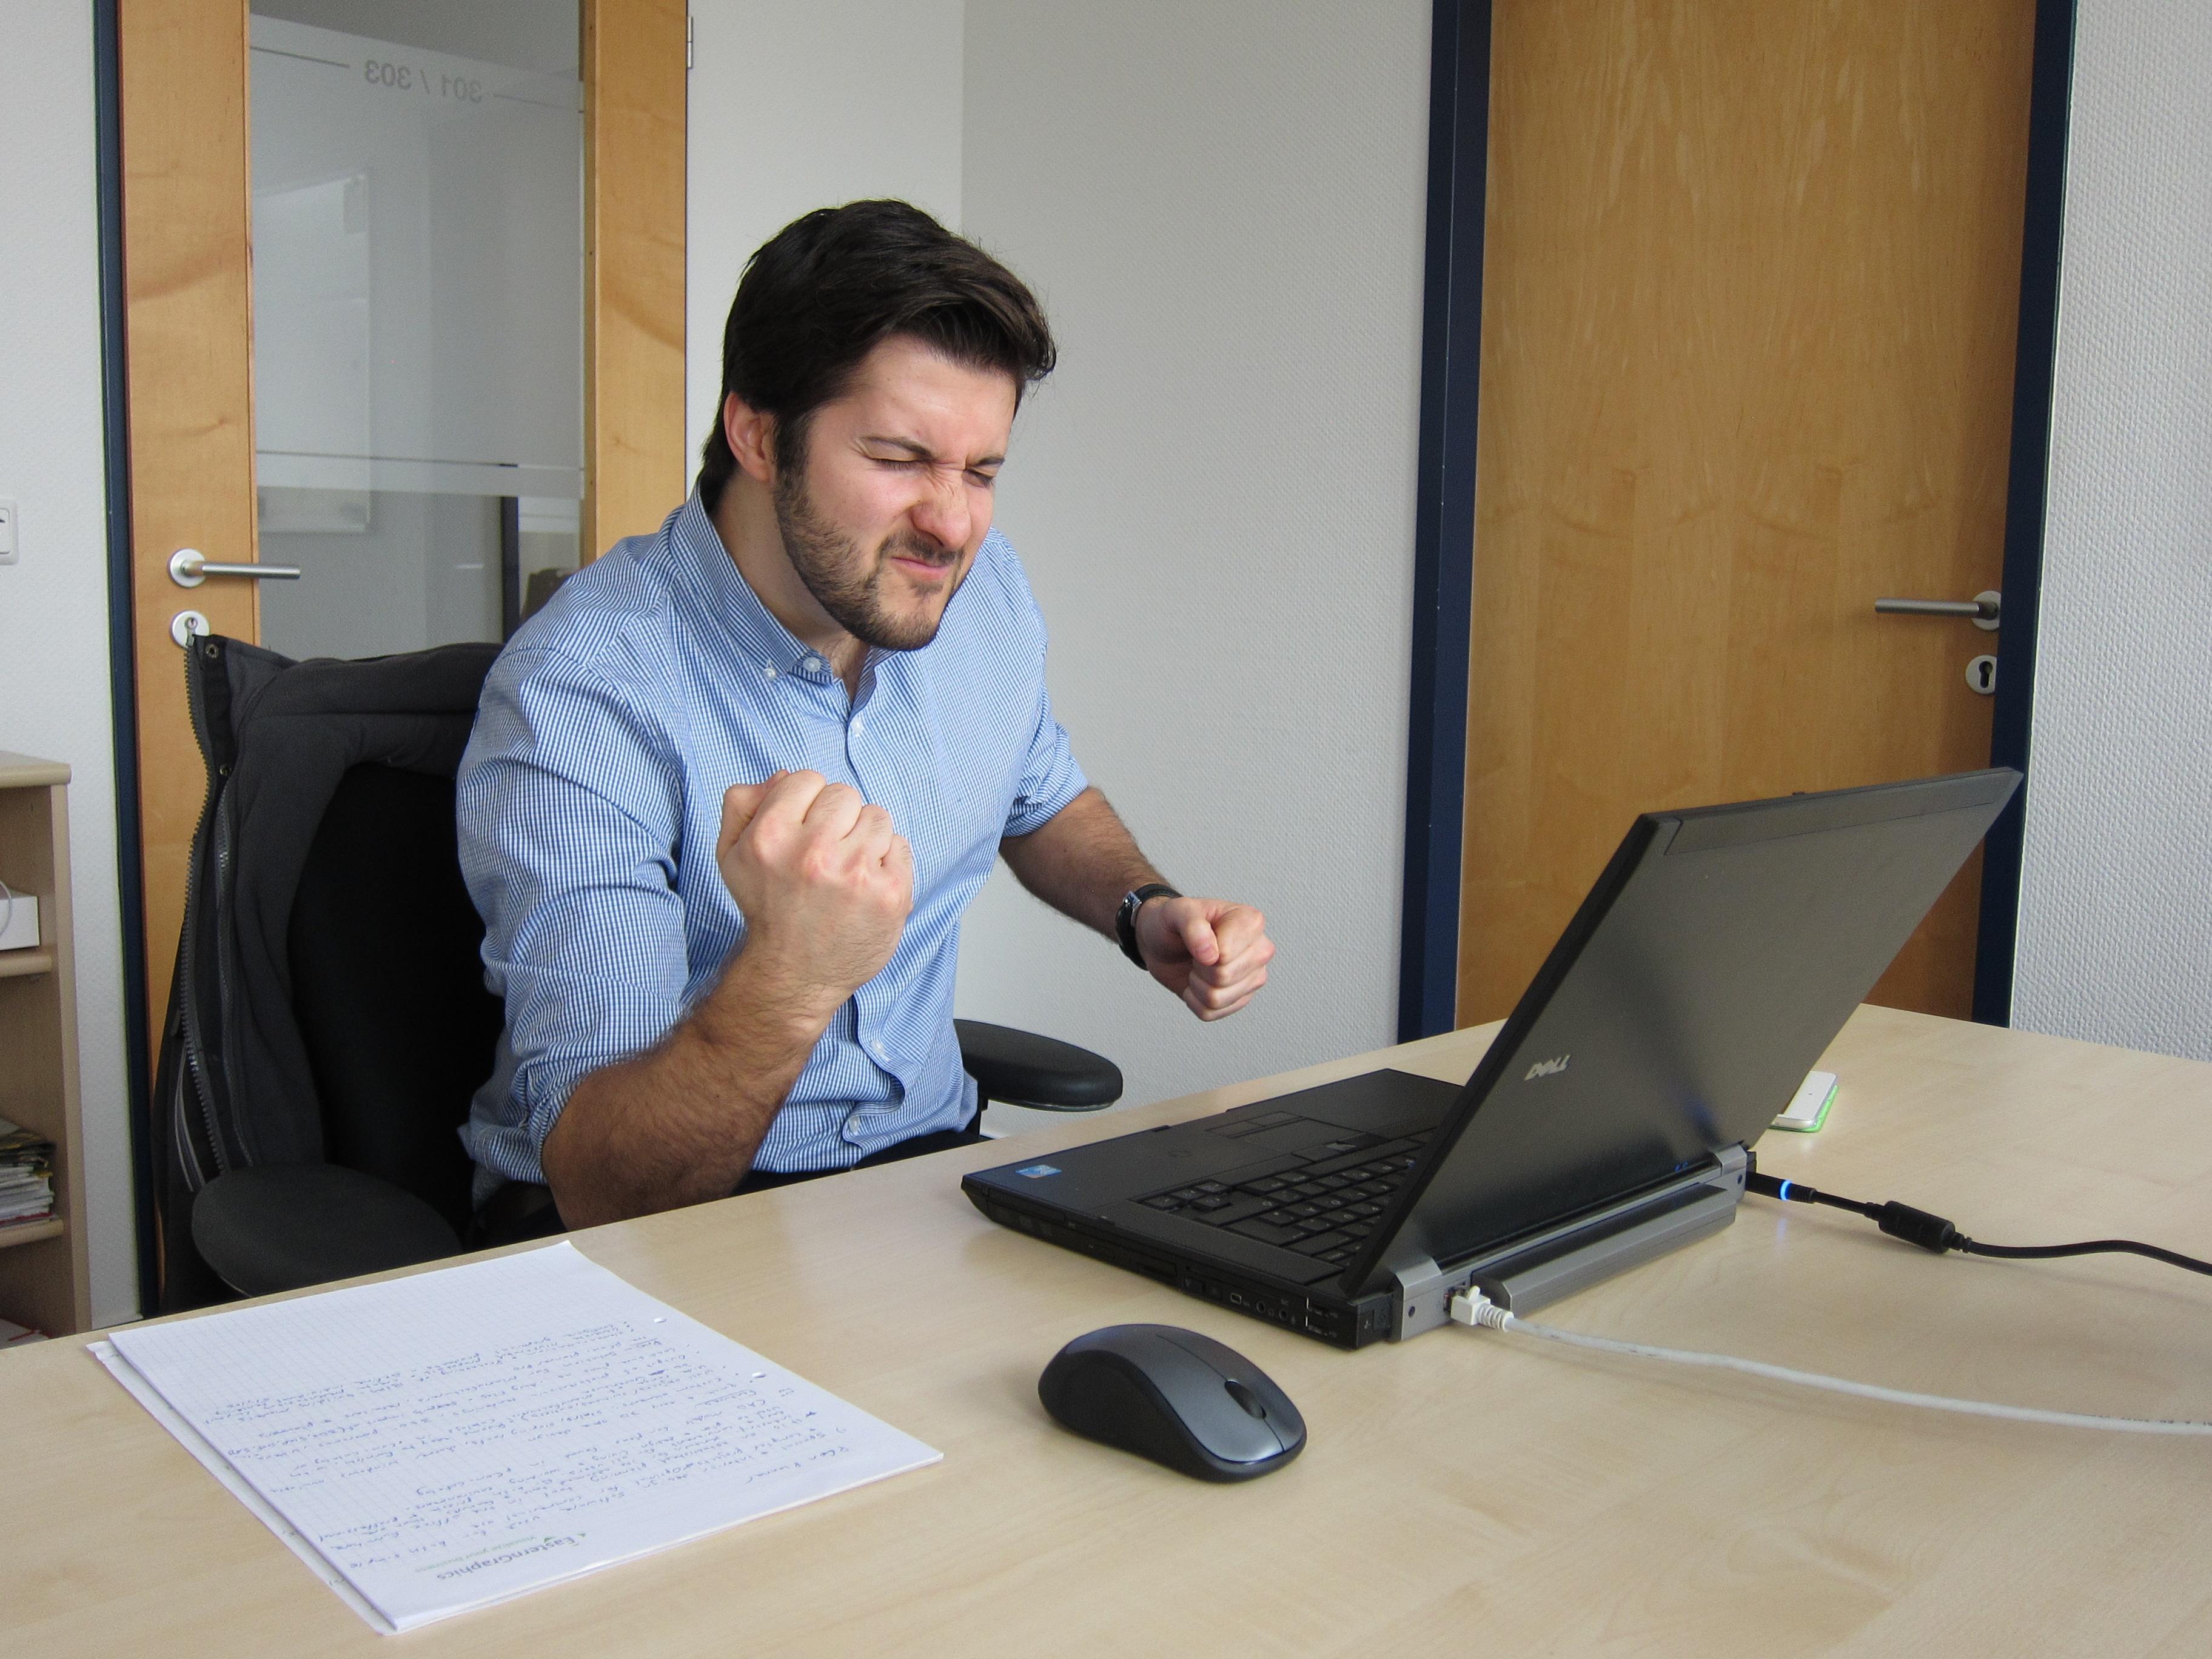 Rob at his desk